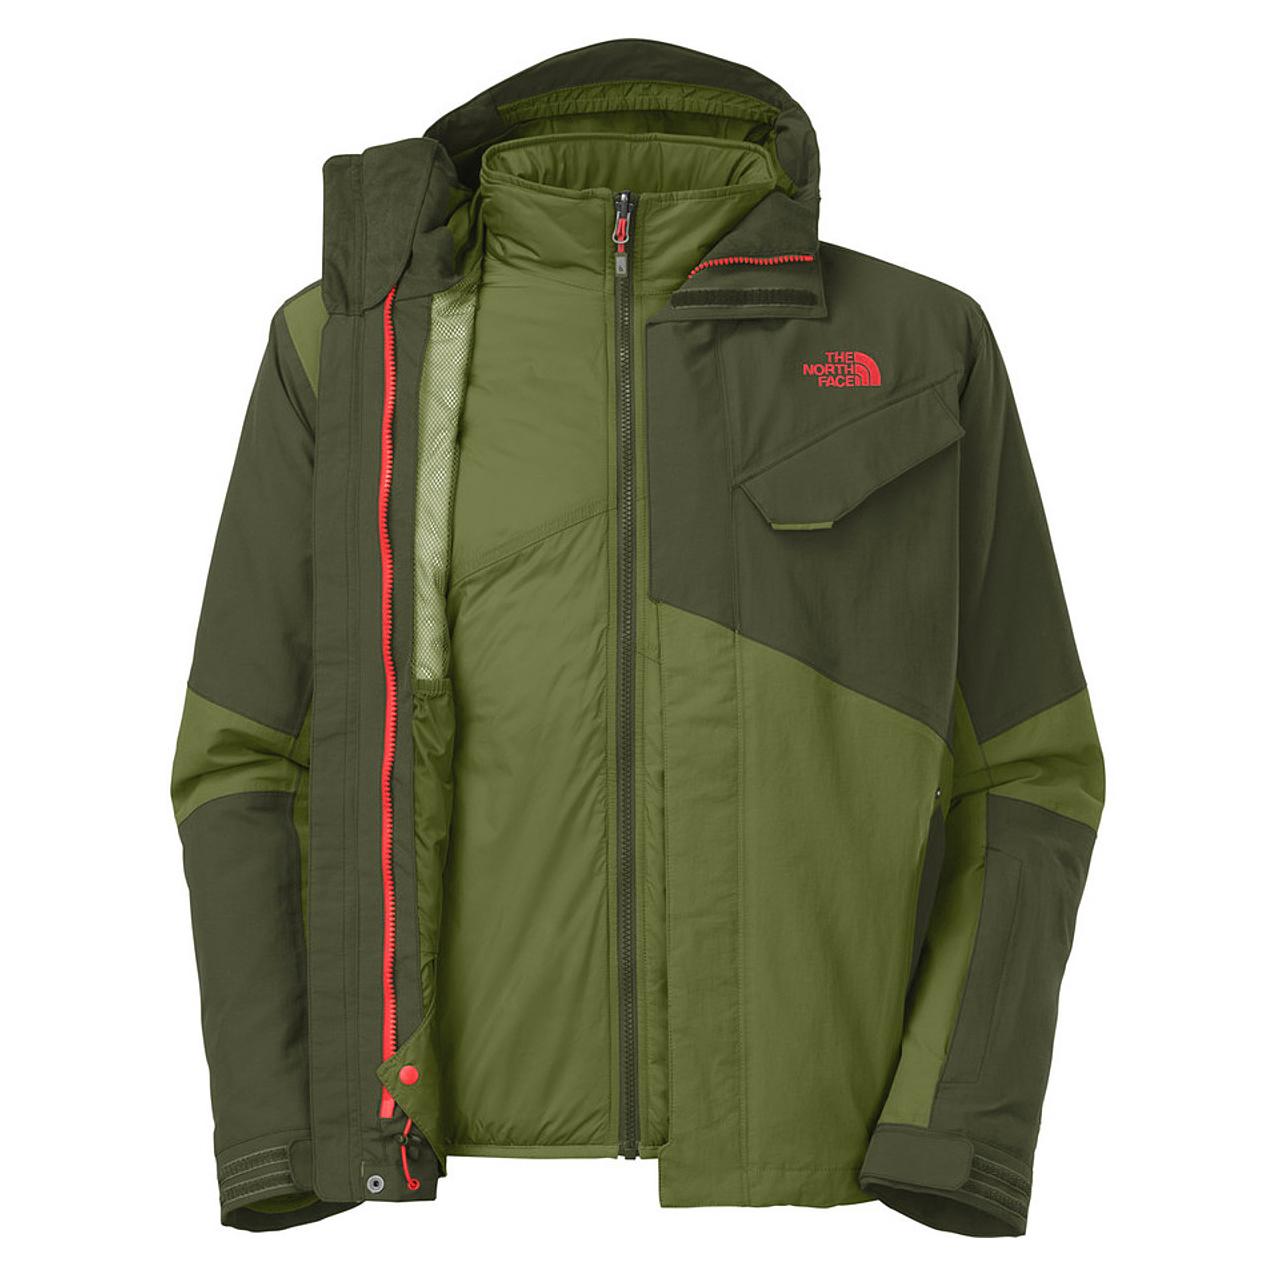 美國百分百【The North Face】外套 TNF 雪衣 夾克 Hyvent 兩件式 防寒 滑雪 綠色 M E669